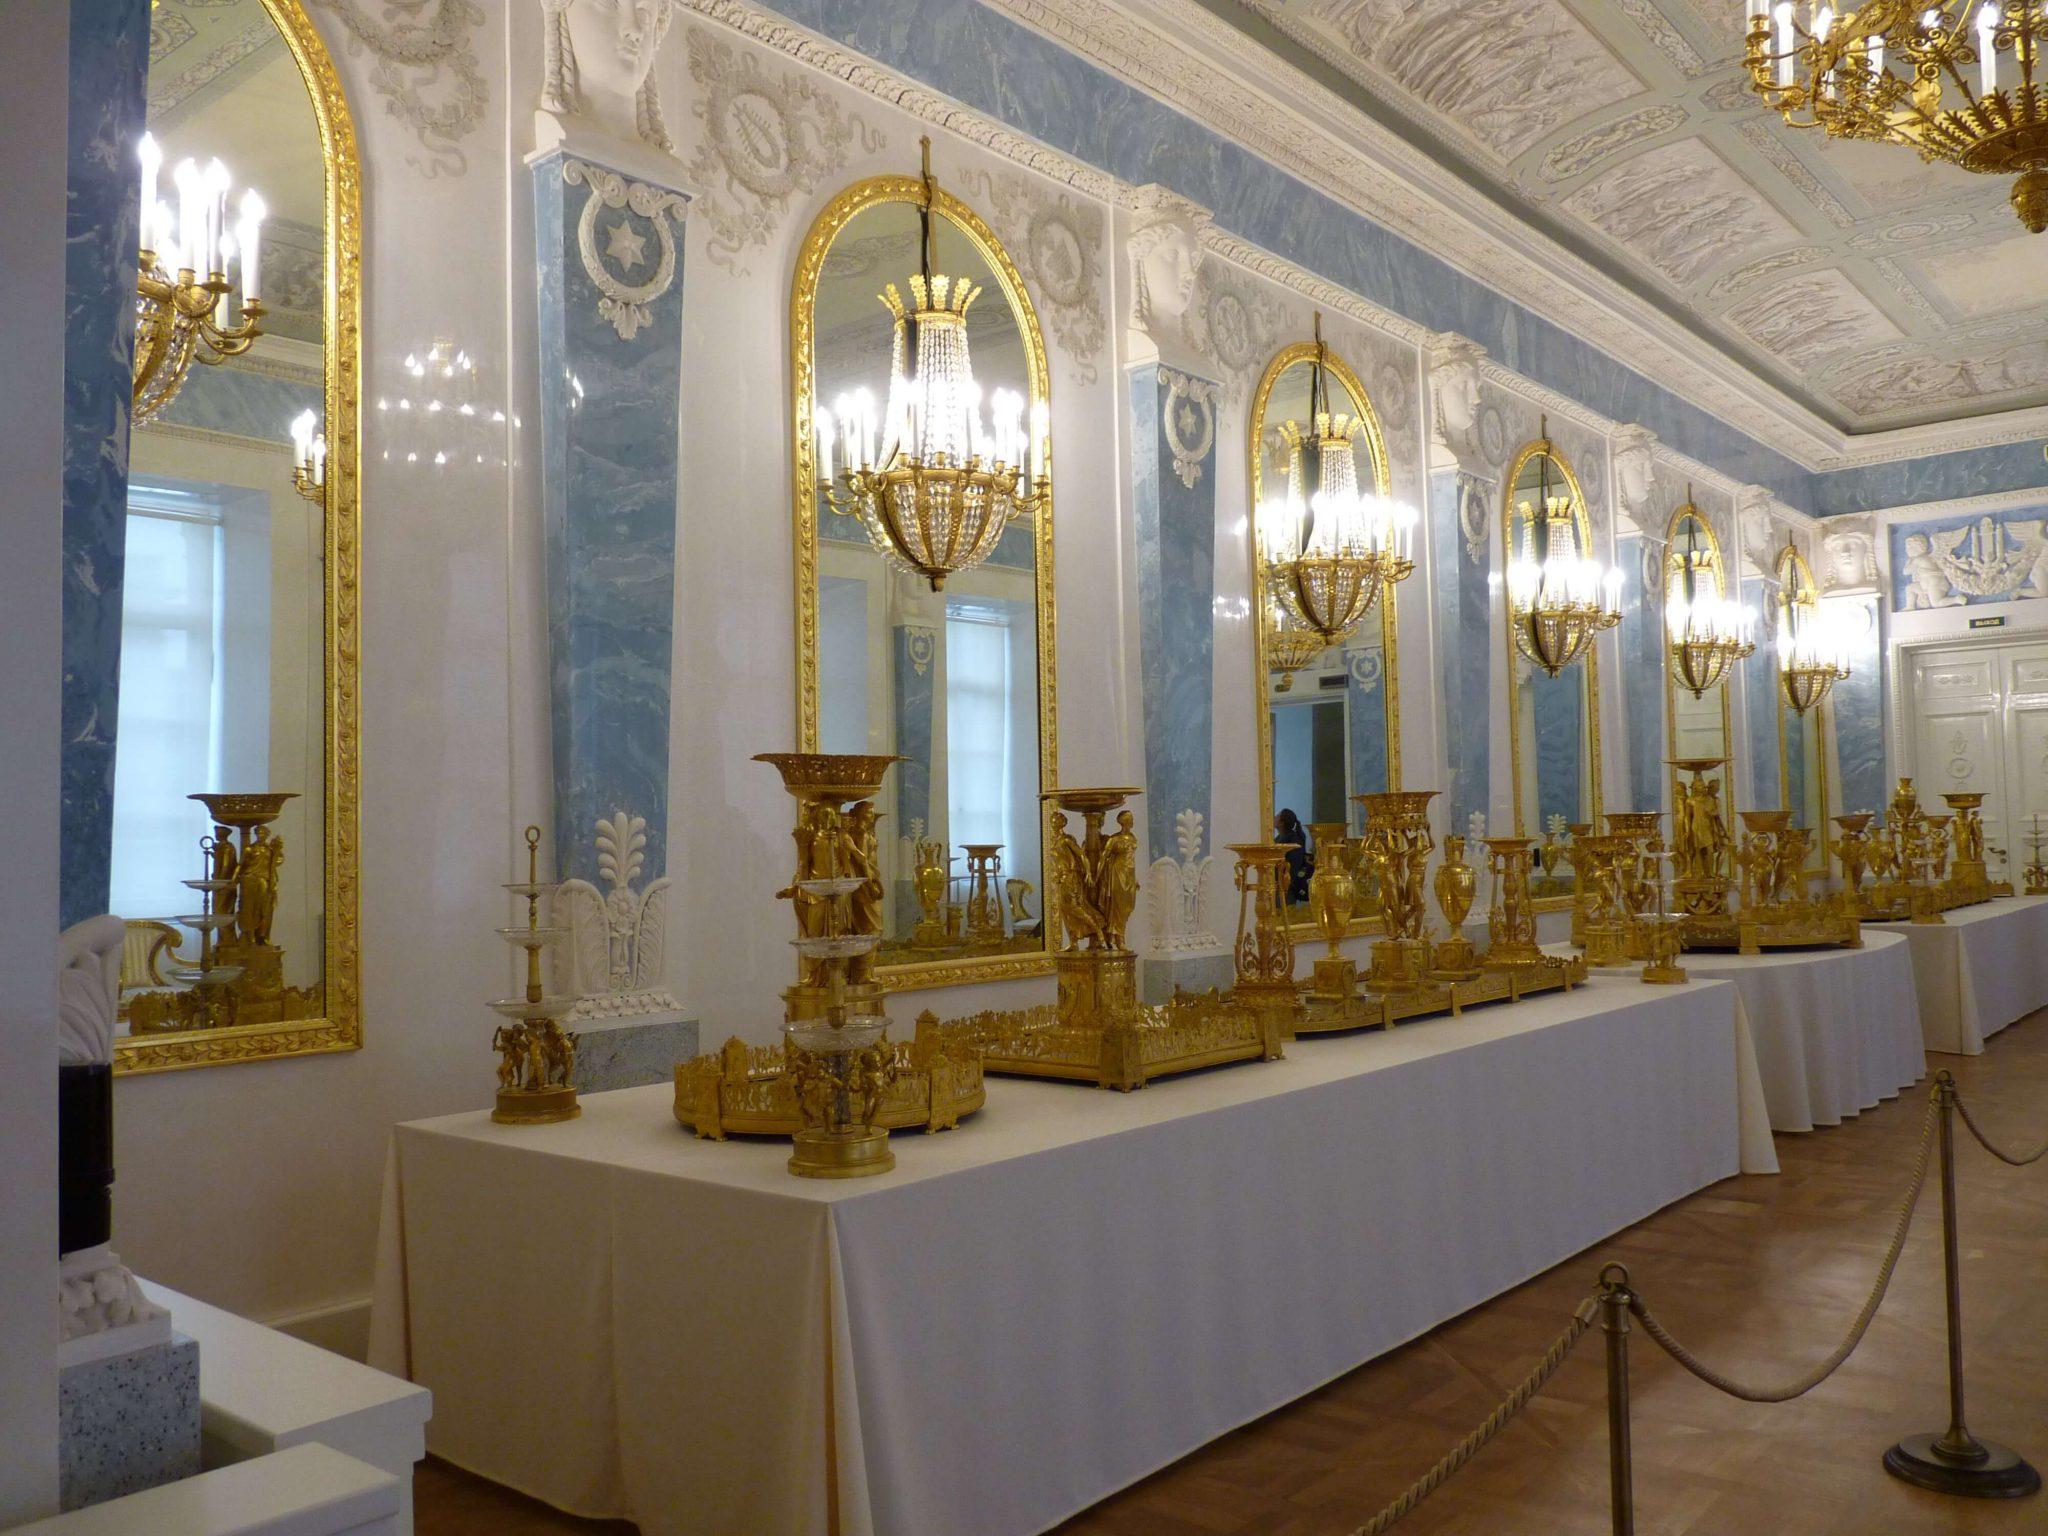 Edifício do Estado Maior interior São Petersburgo Rússia Mundo Indefinido